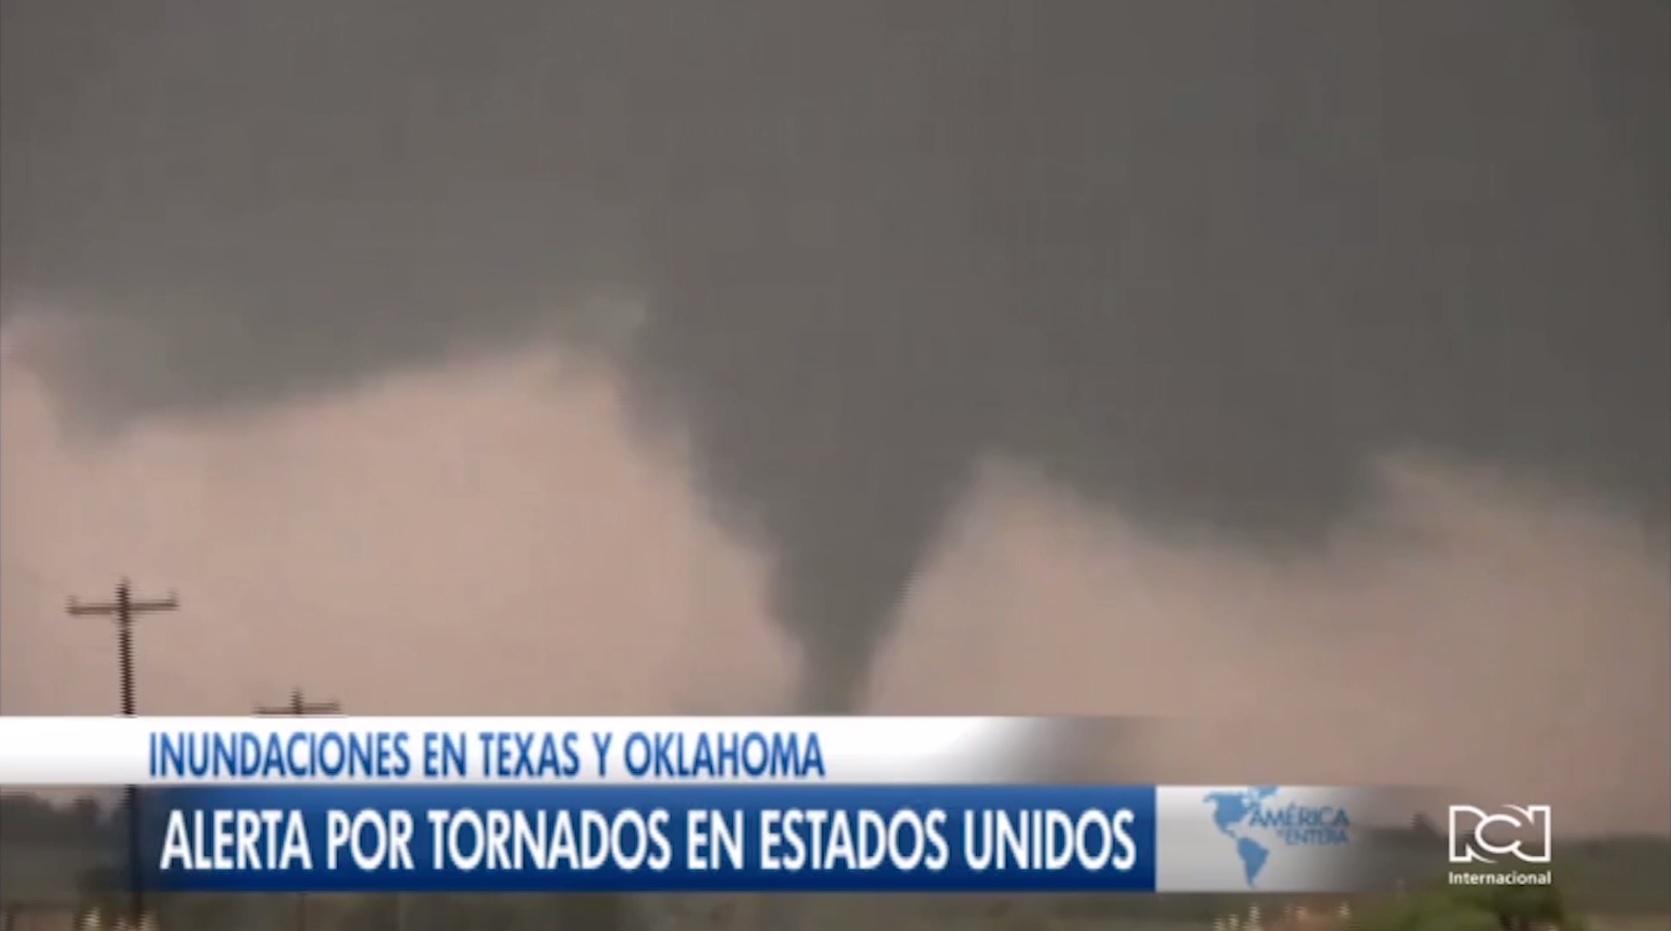 tornados-e-inundaciones-en-texas-y-oklahoma.jpg